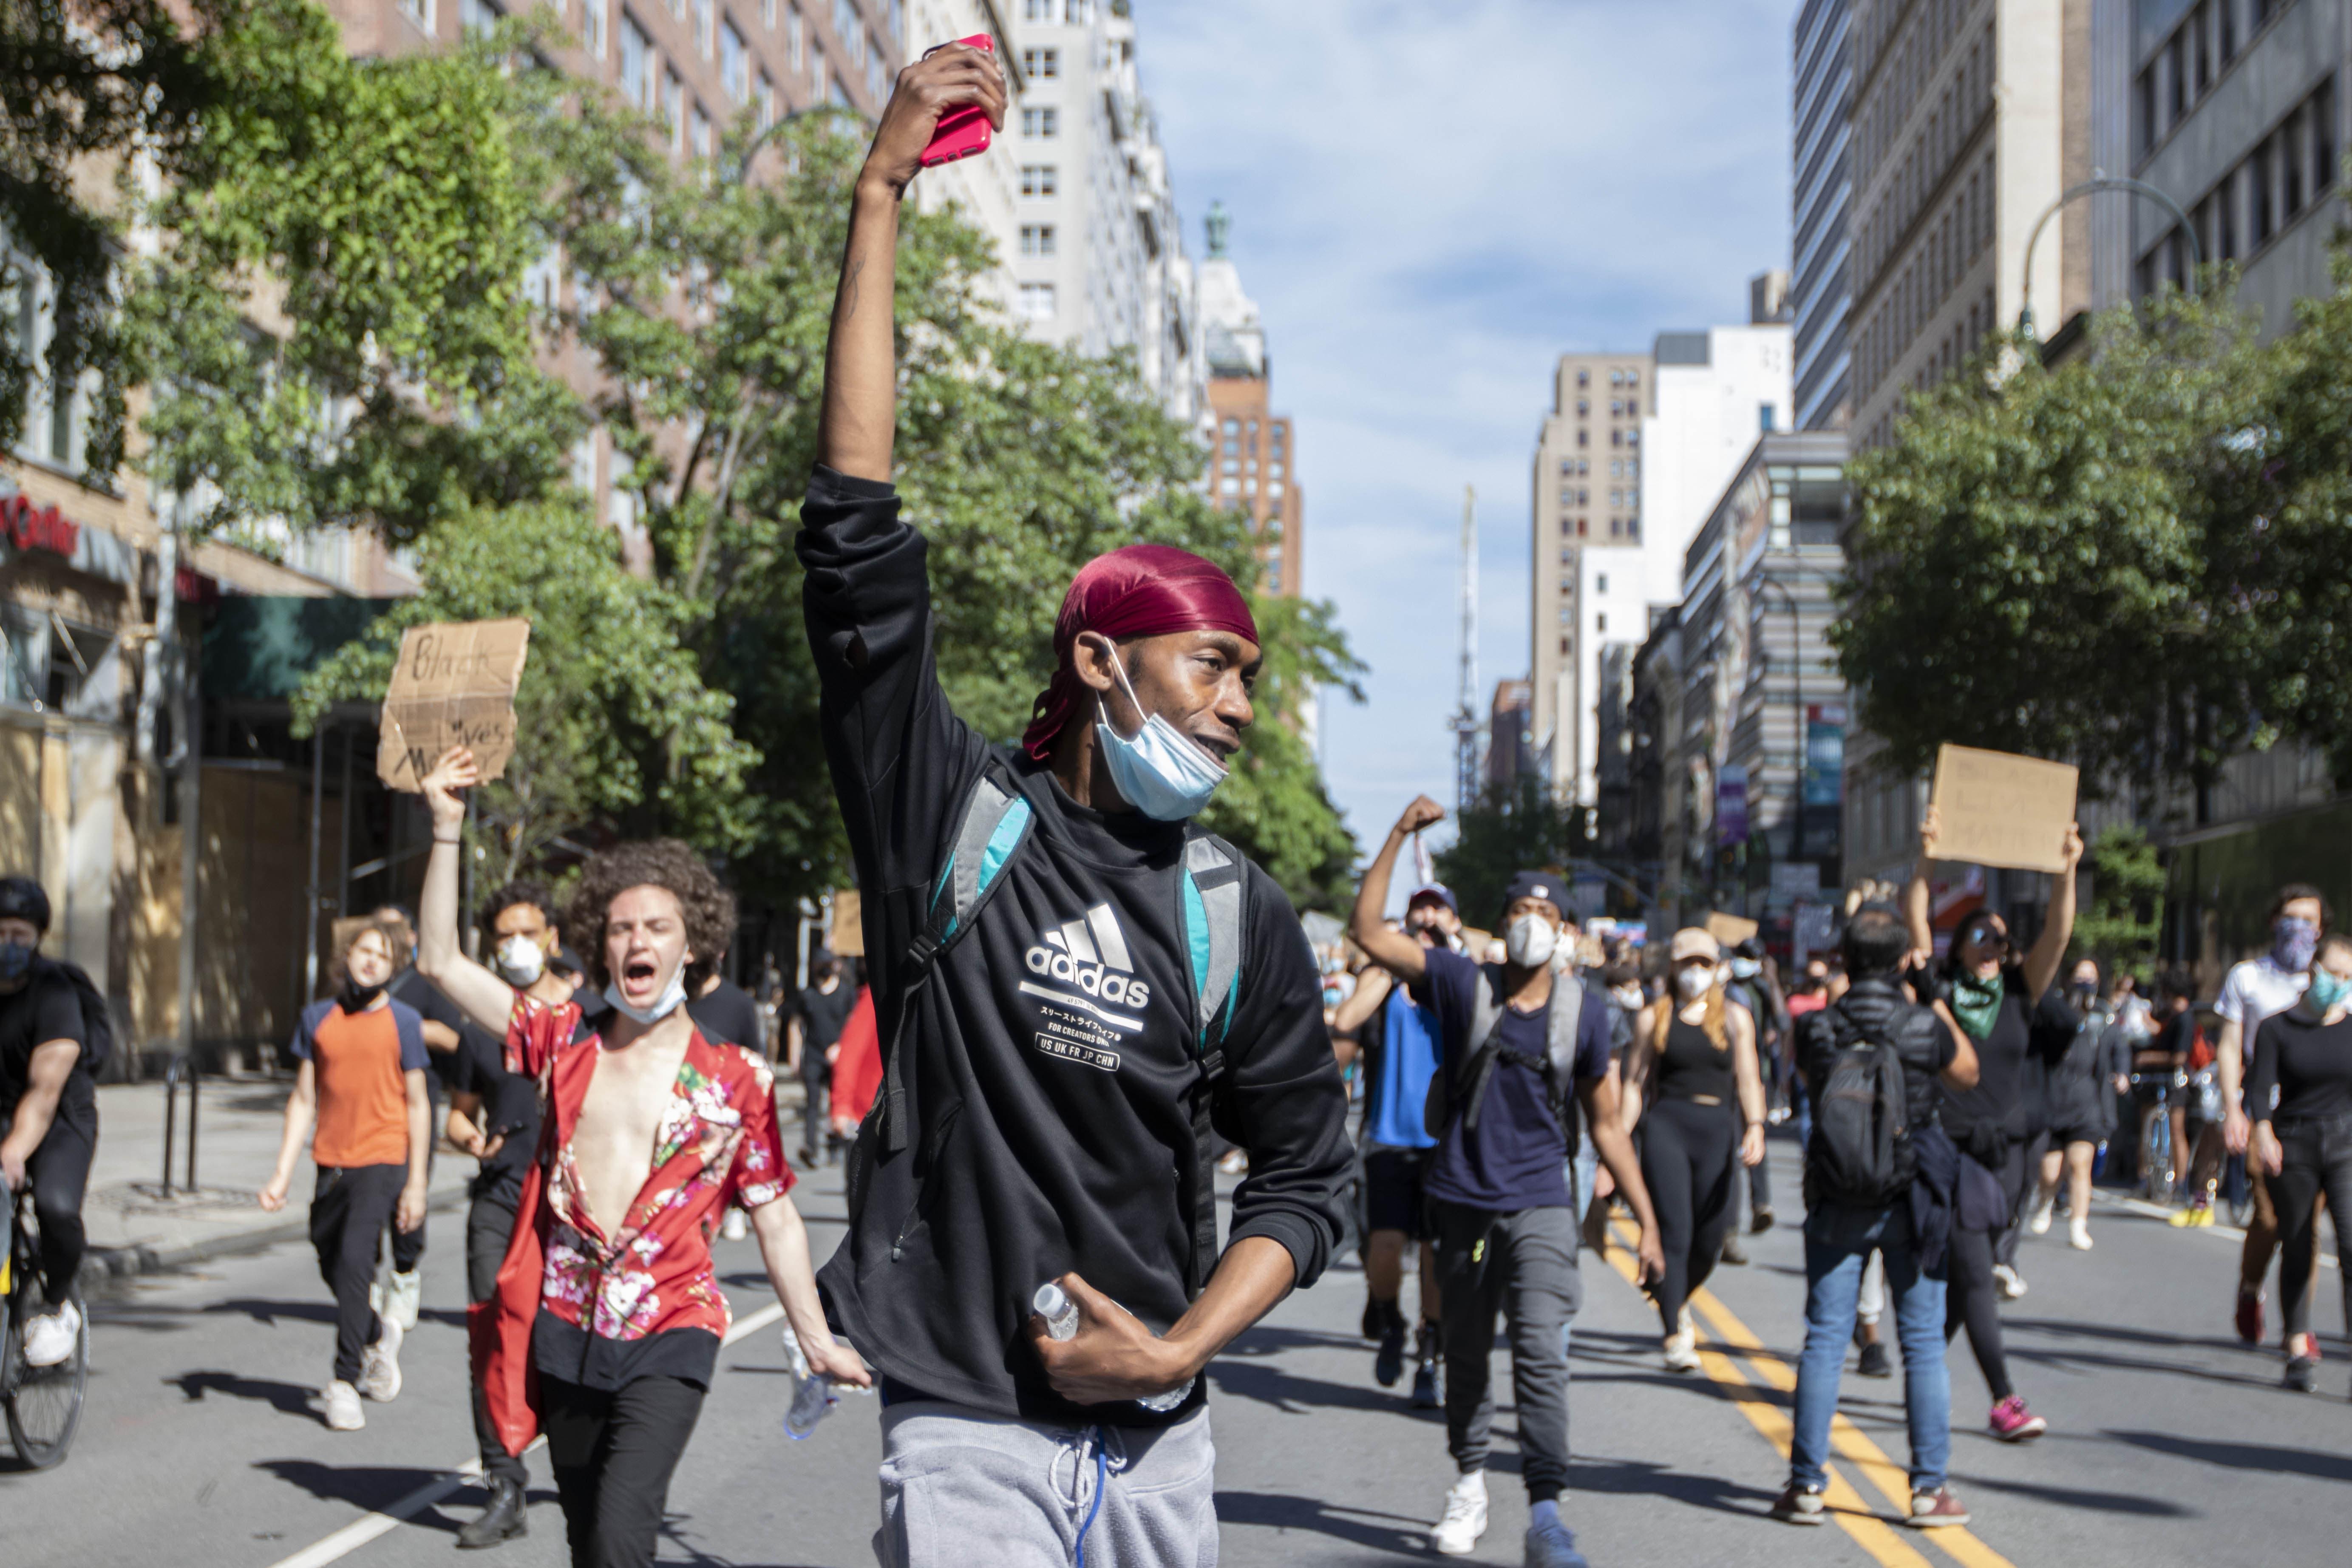 全米に広がった反黒人差別デモではスマホのアプリが重要な役割を果たしている(撮影/新垣謙太郎=ニューヨーク市)